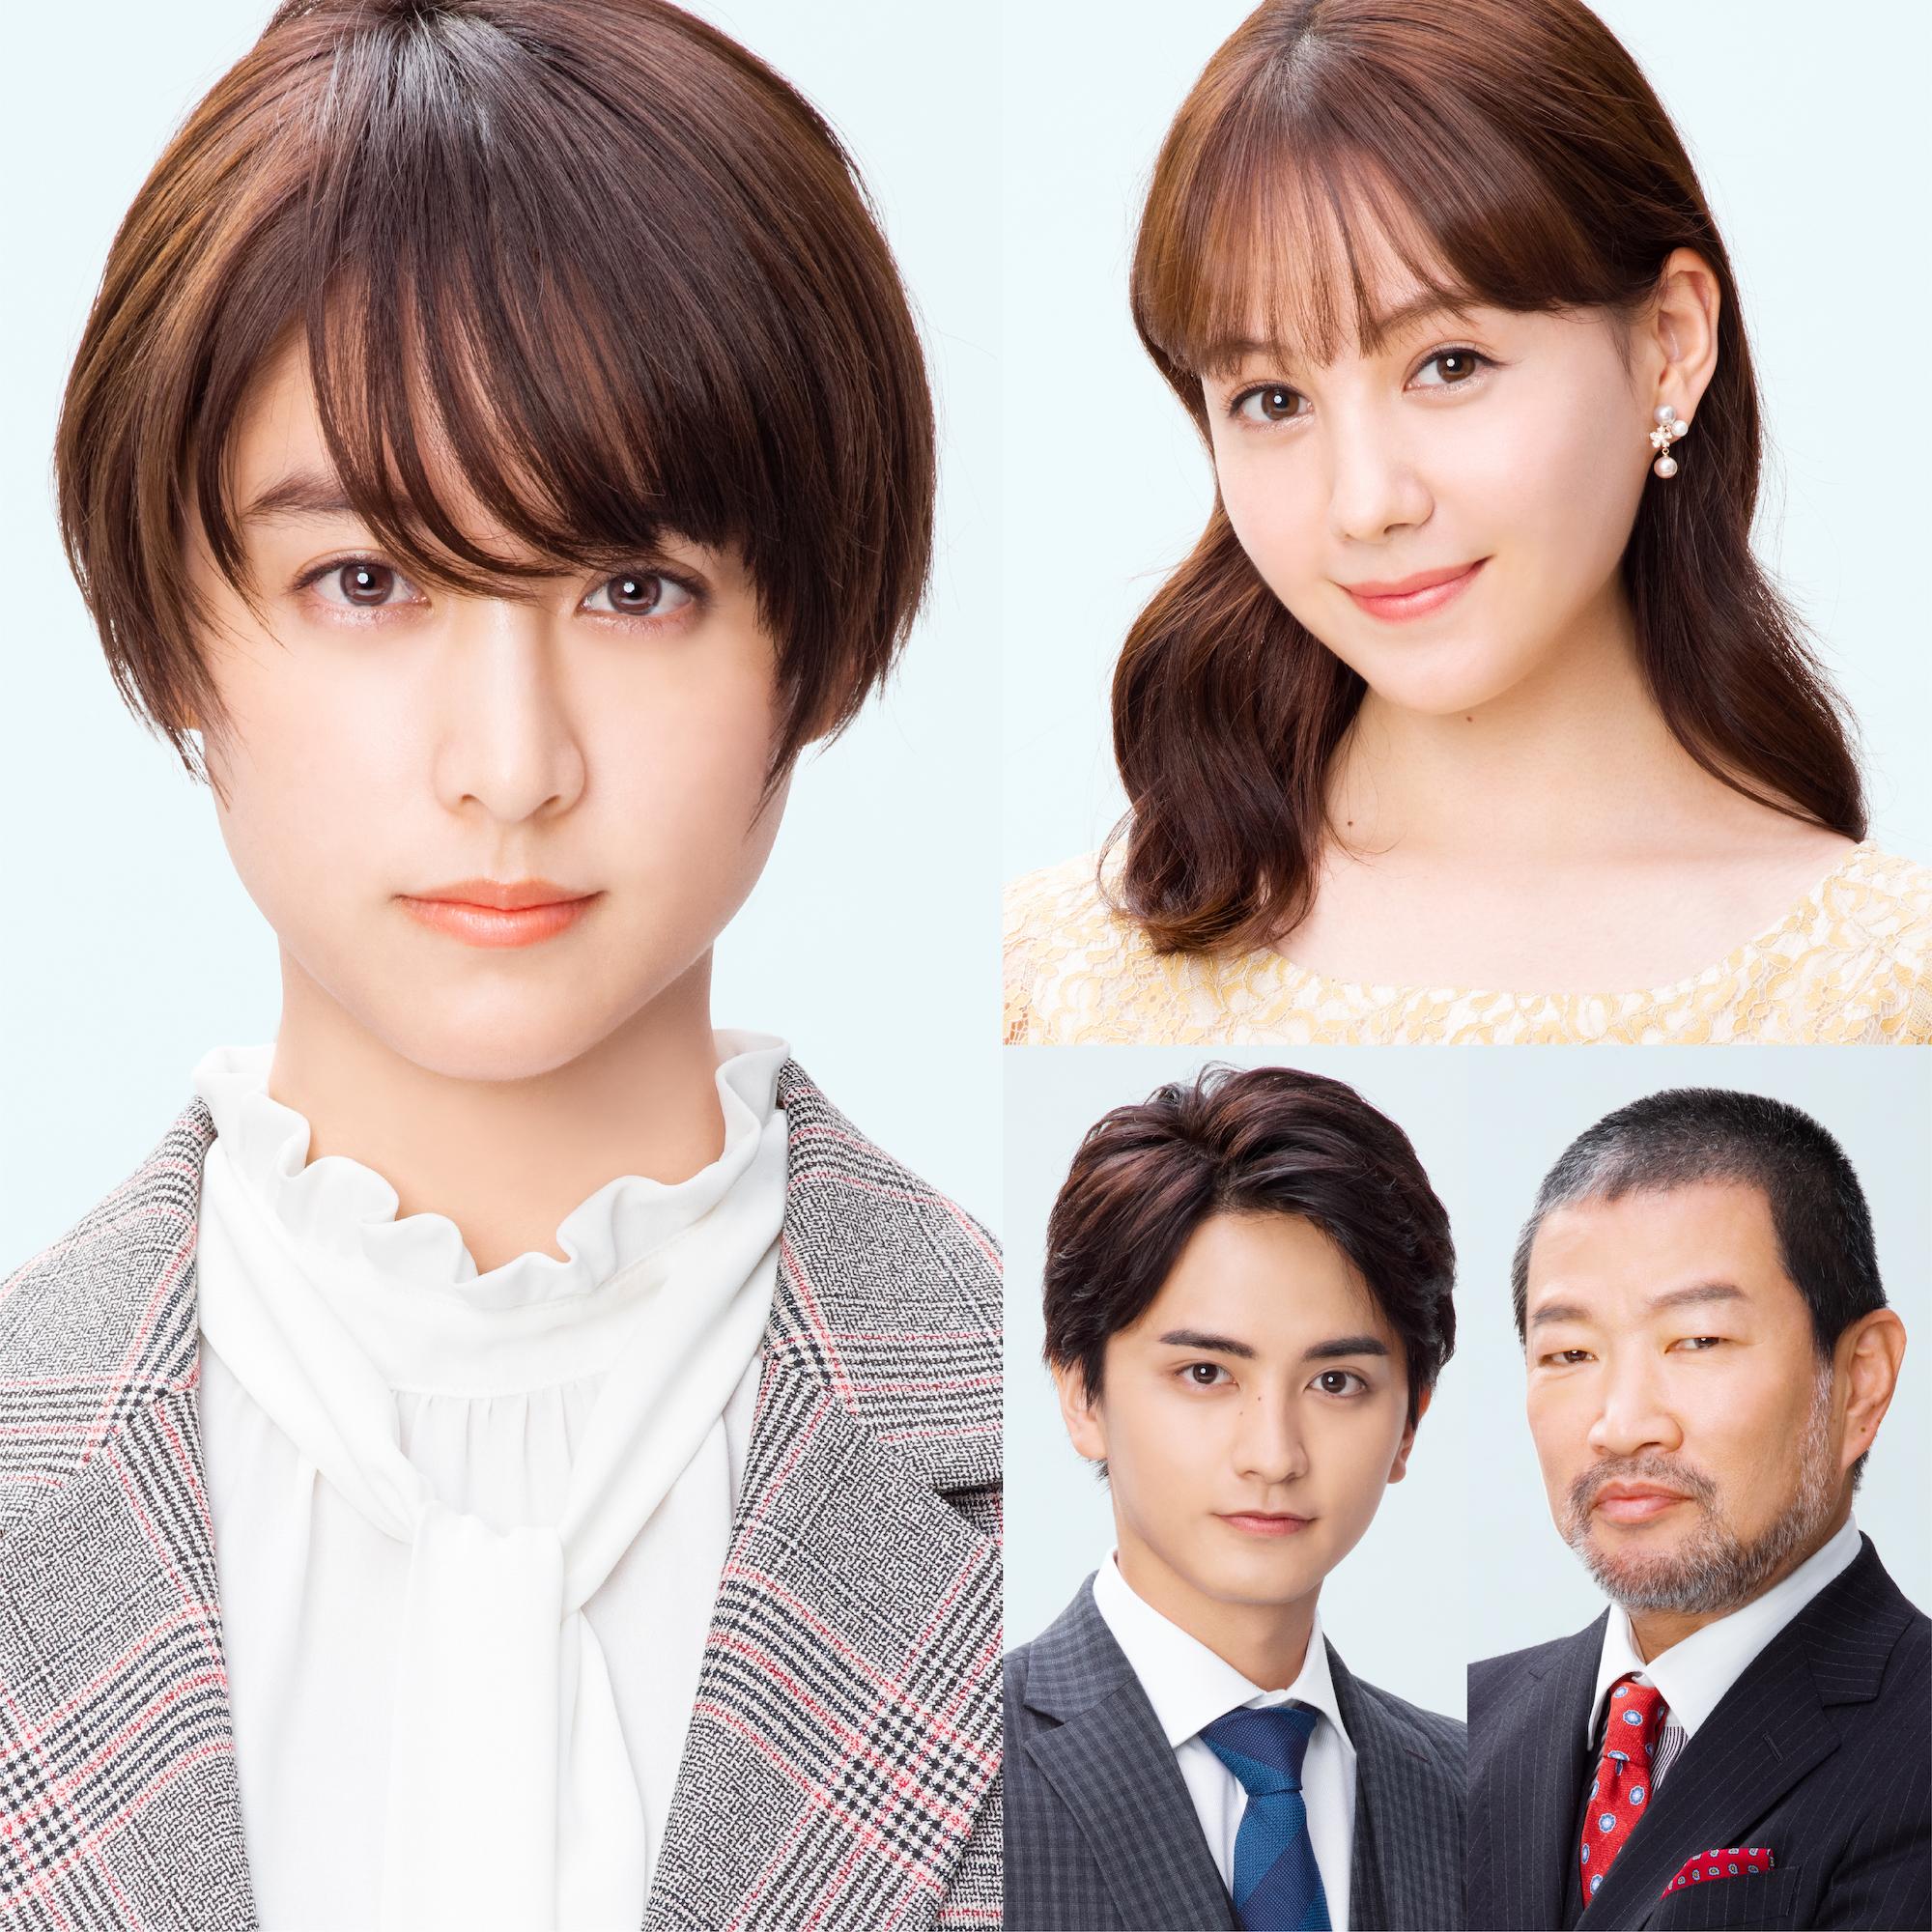 山本美月/木曜ドラマF 「ランチ合コン探偵~恋とグルメと謎解きと~」